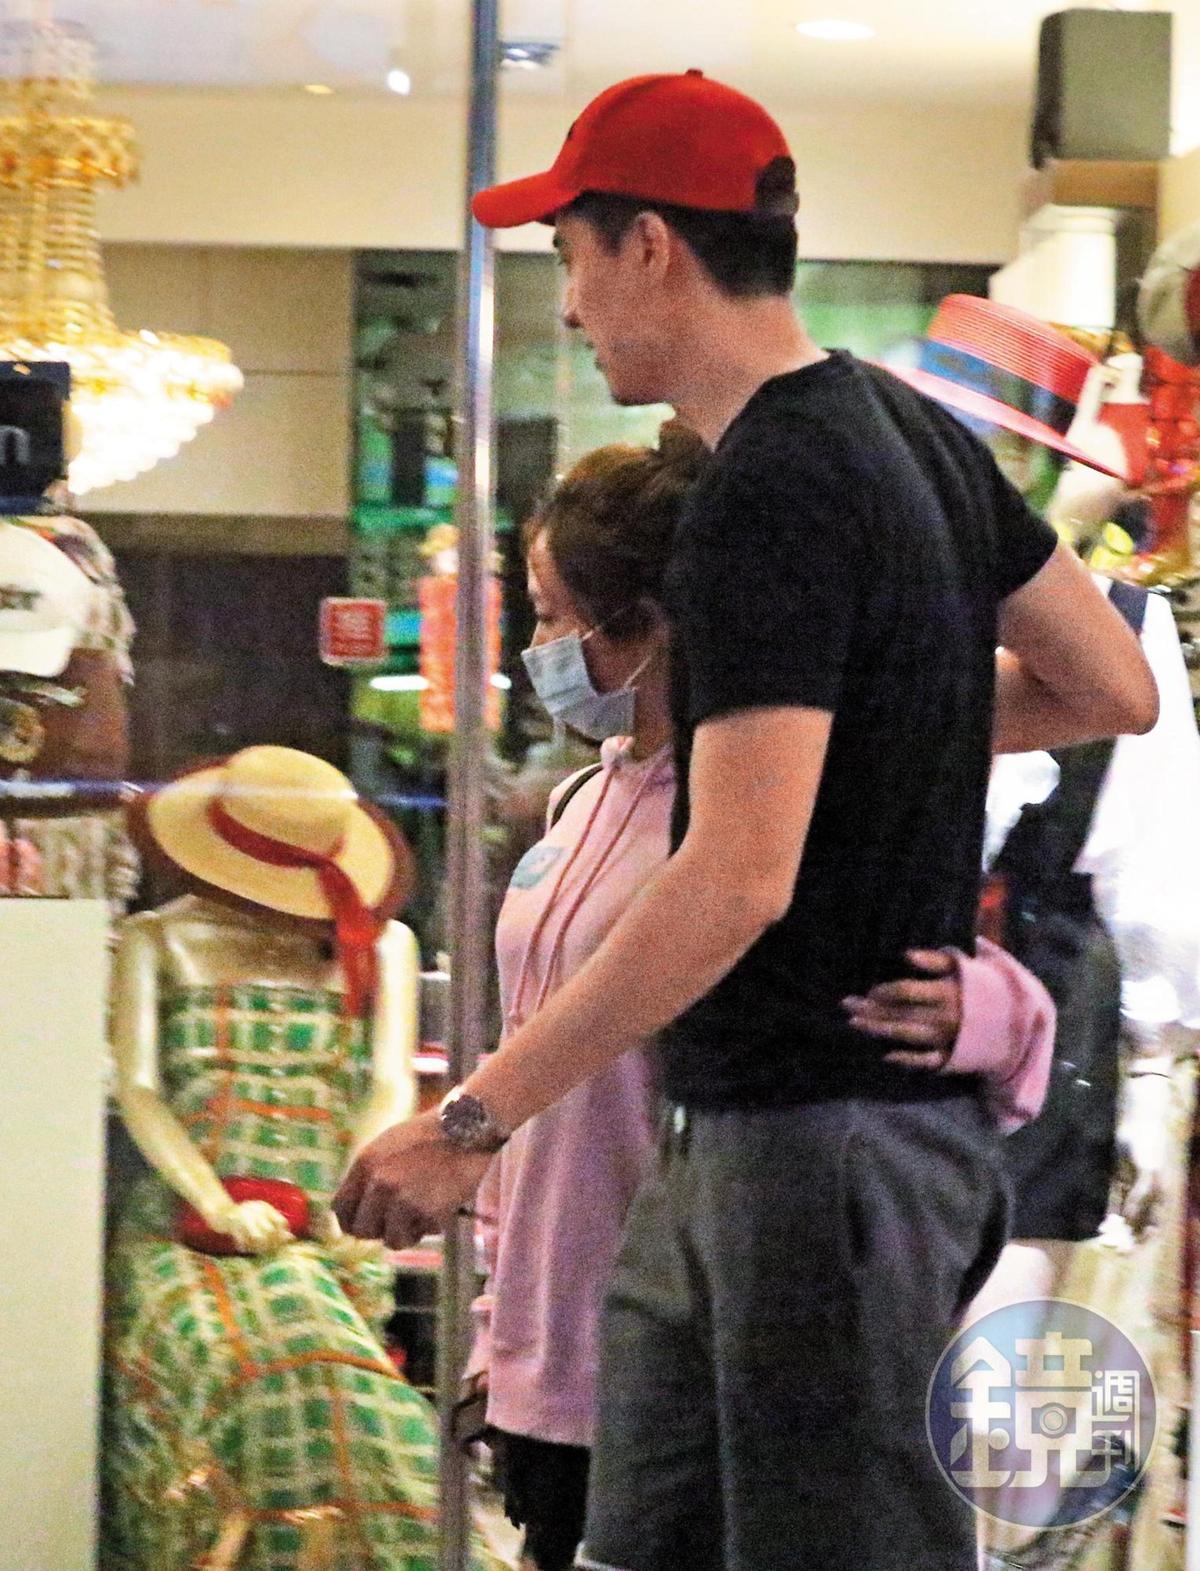 04/02 23:18 茵聲(左)跟劉書宏看完電影後跑去逛逛,肉體距離非常緊密。